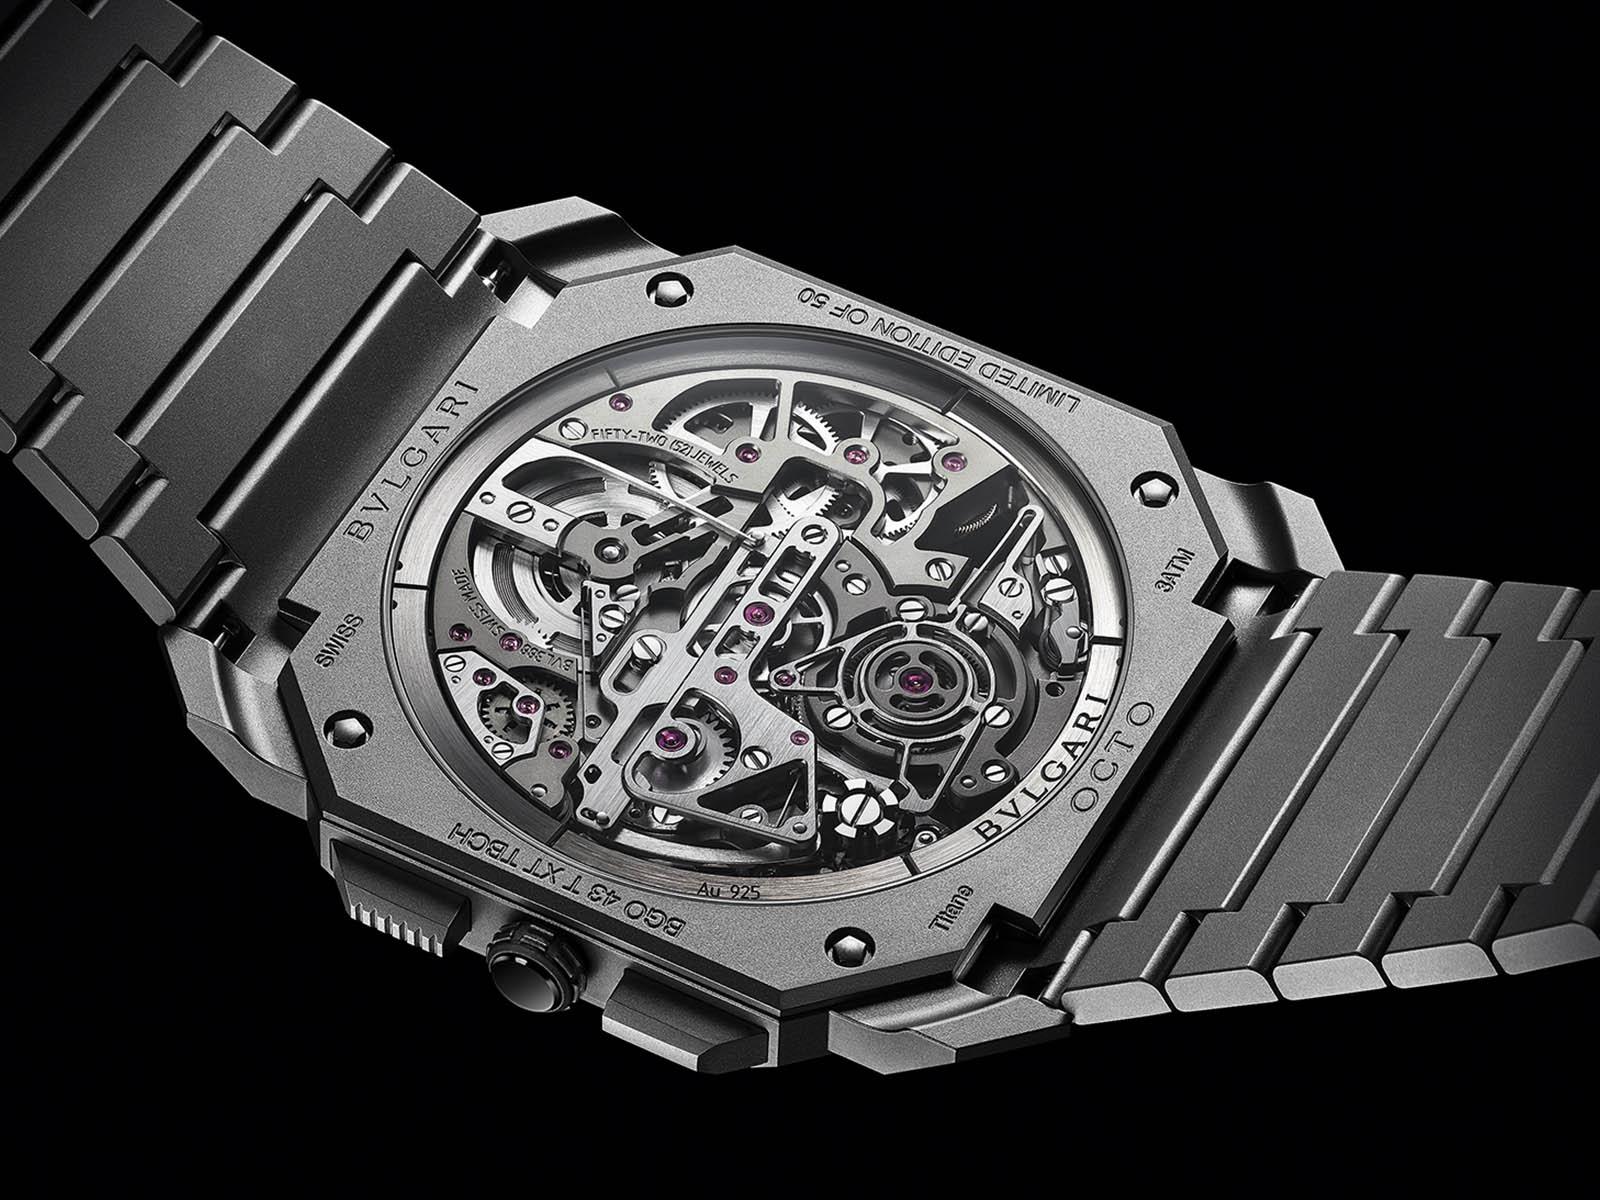 103295-bulgari-octo-finissimo-tourbillon-chronograph-skeleton-automatic-6.jpg